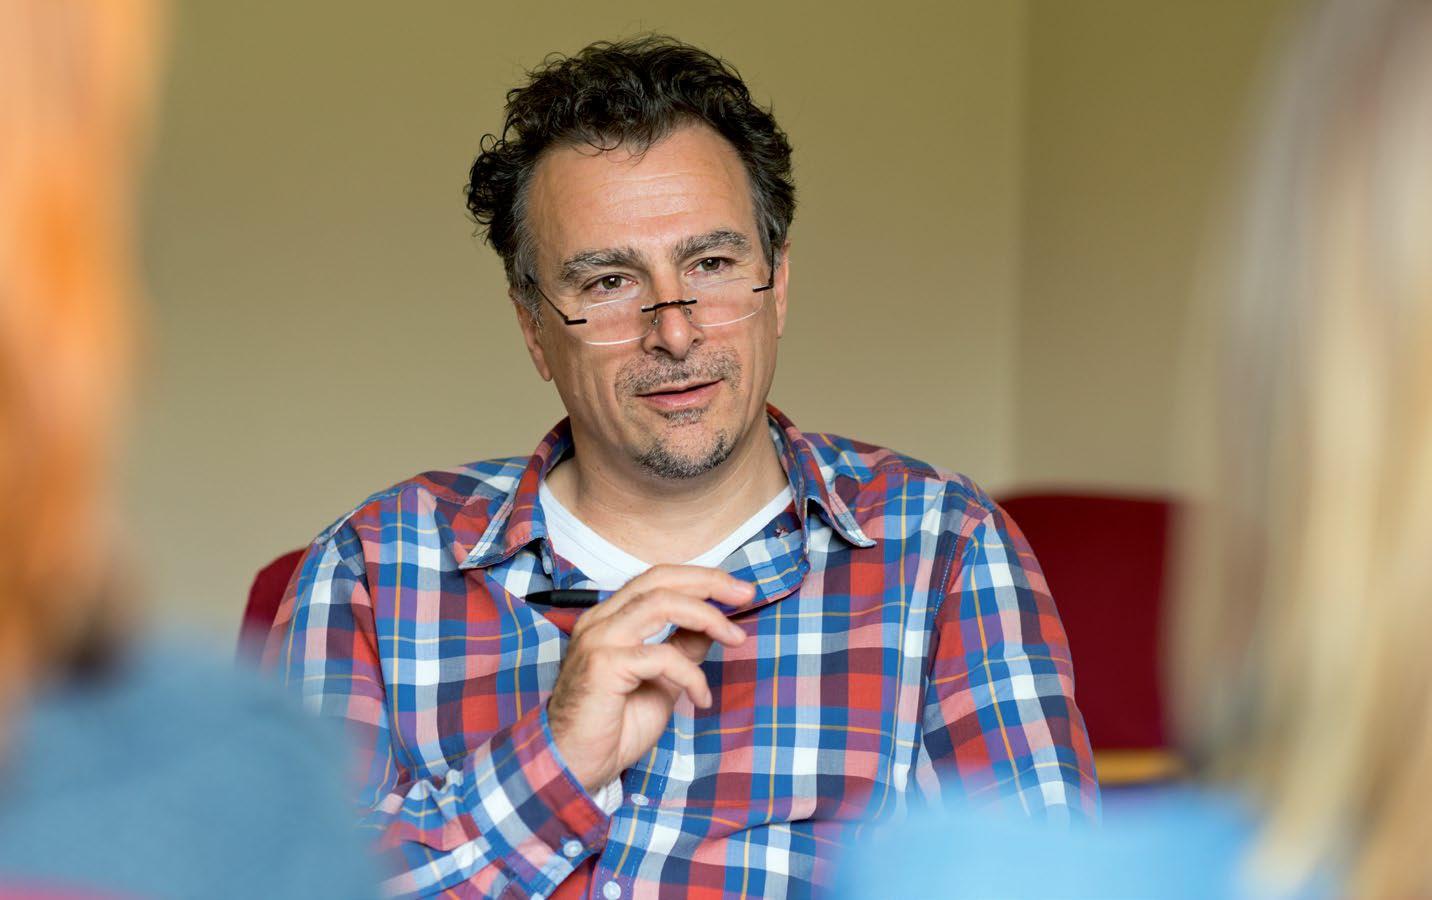 prof. Peter Rober, PhD, coördinator postgraduaat relatie-, familie- en systeempsychotherapie